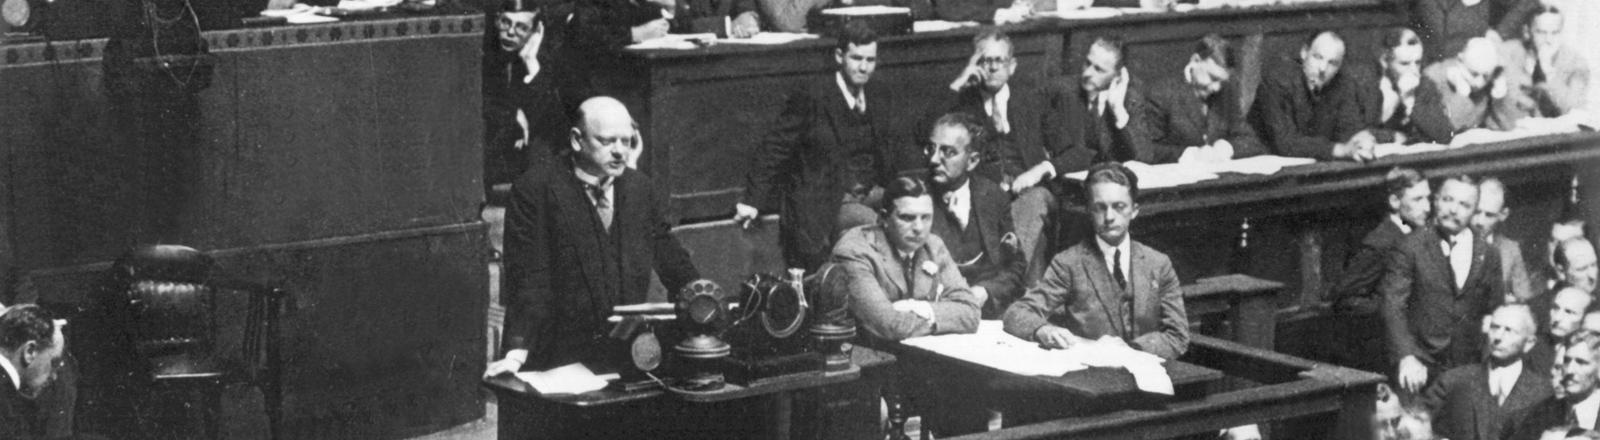 Reichsaußenminister Gustav Stresemann spricht vor dem Völkerbund in Genf 1926.